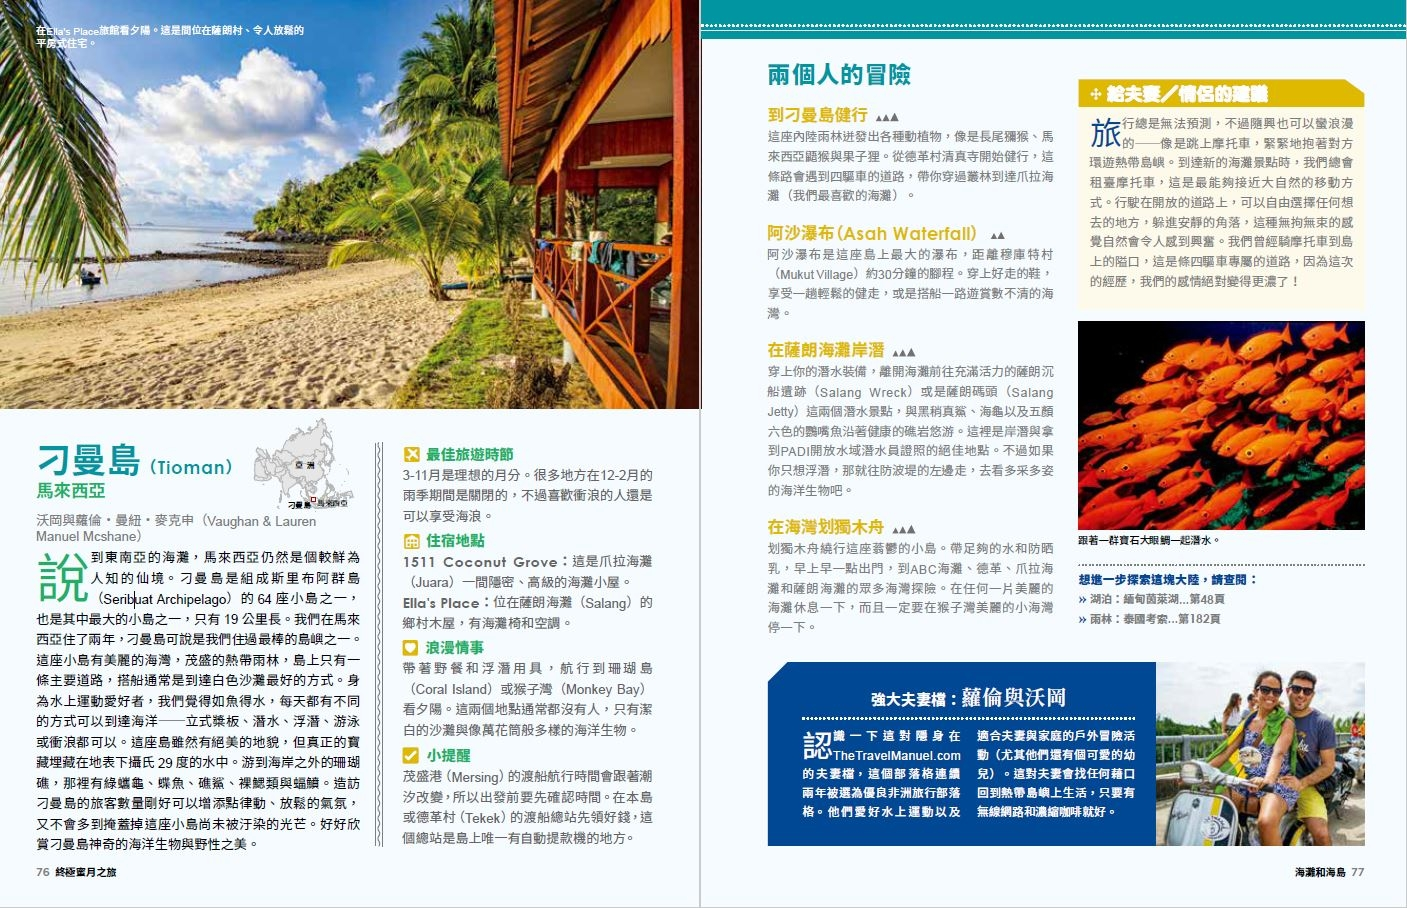 《國家地理終極蜜月之旅》刁曼島(Tioman) 馬來西亞